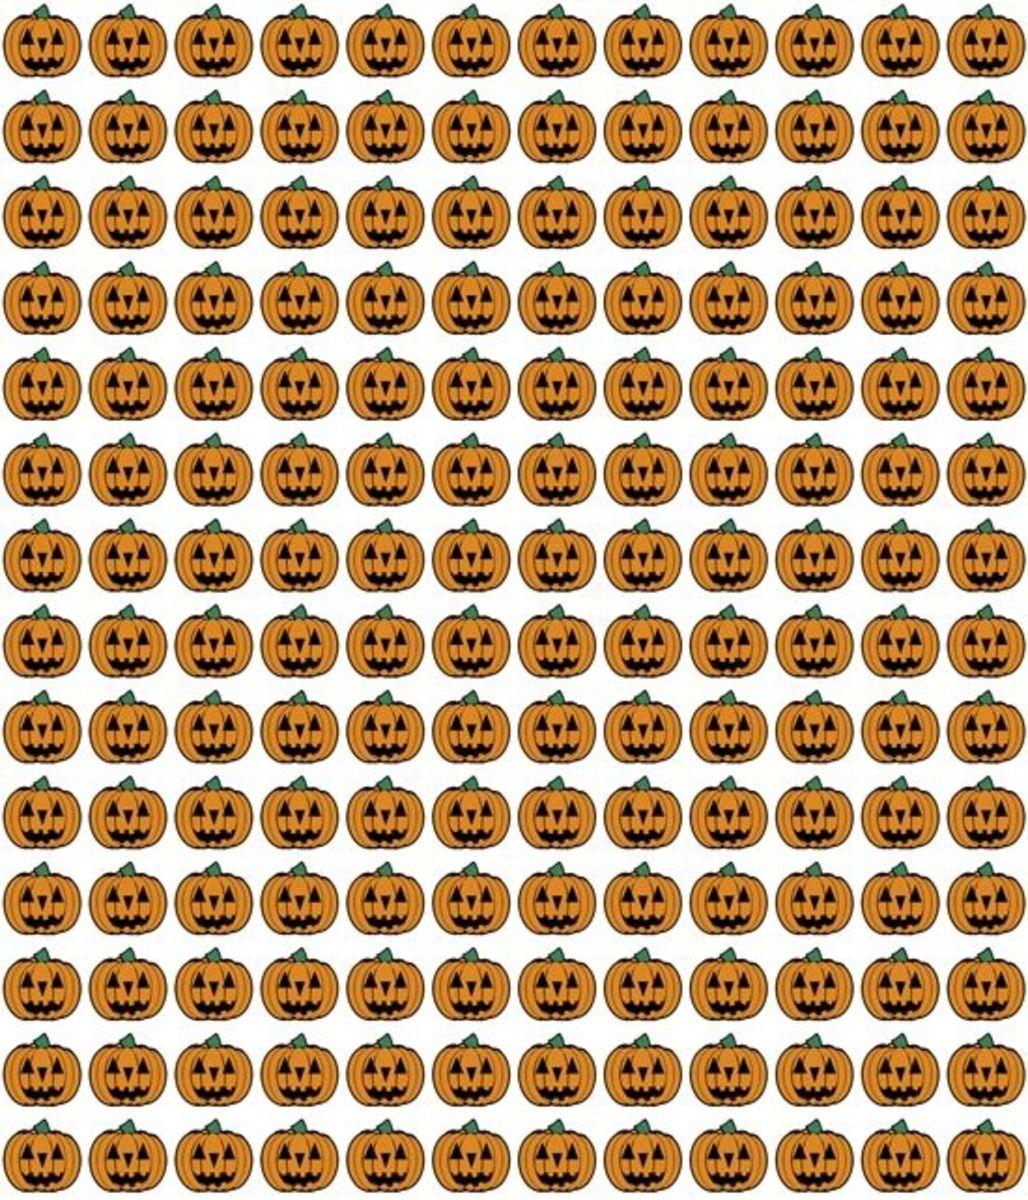 Jack-o-Lanterns pattern Halloween printable.